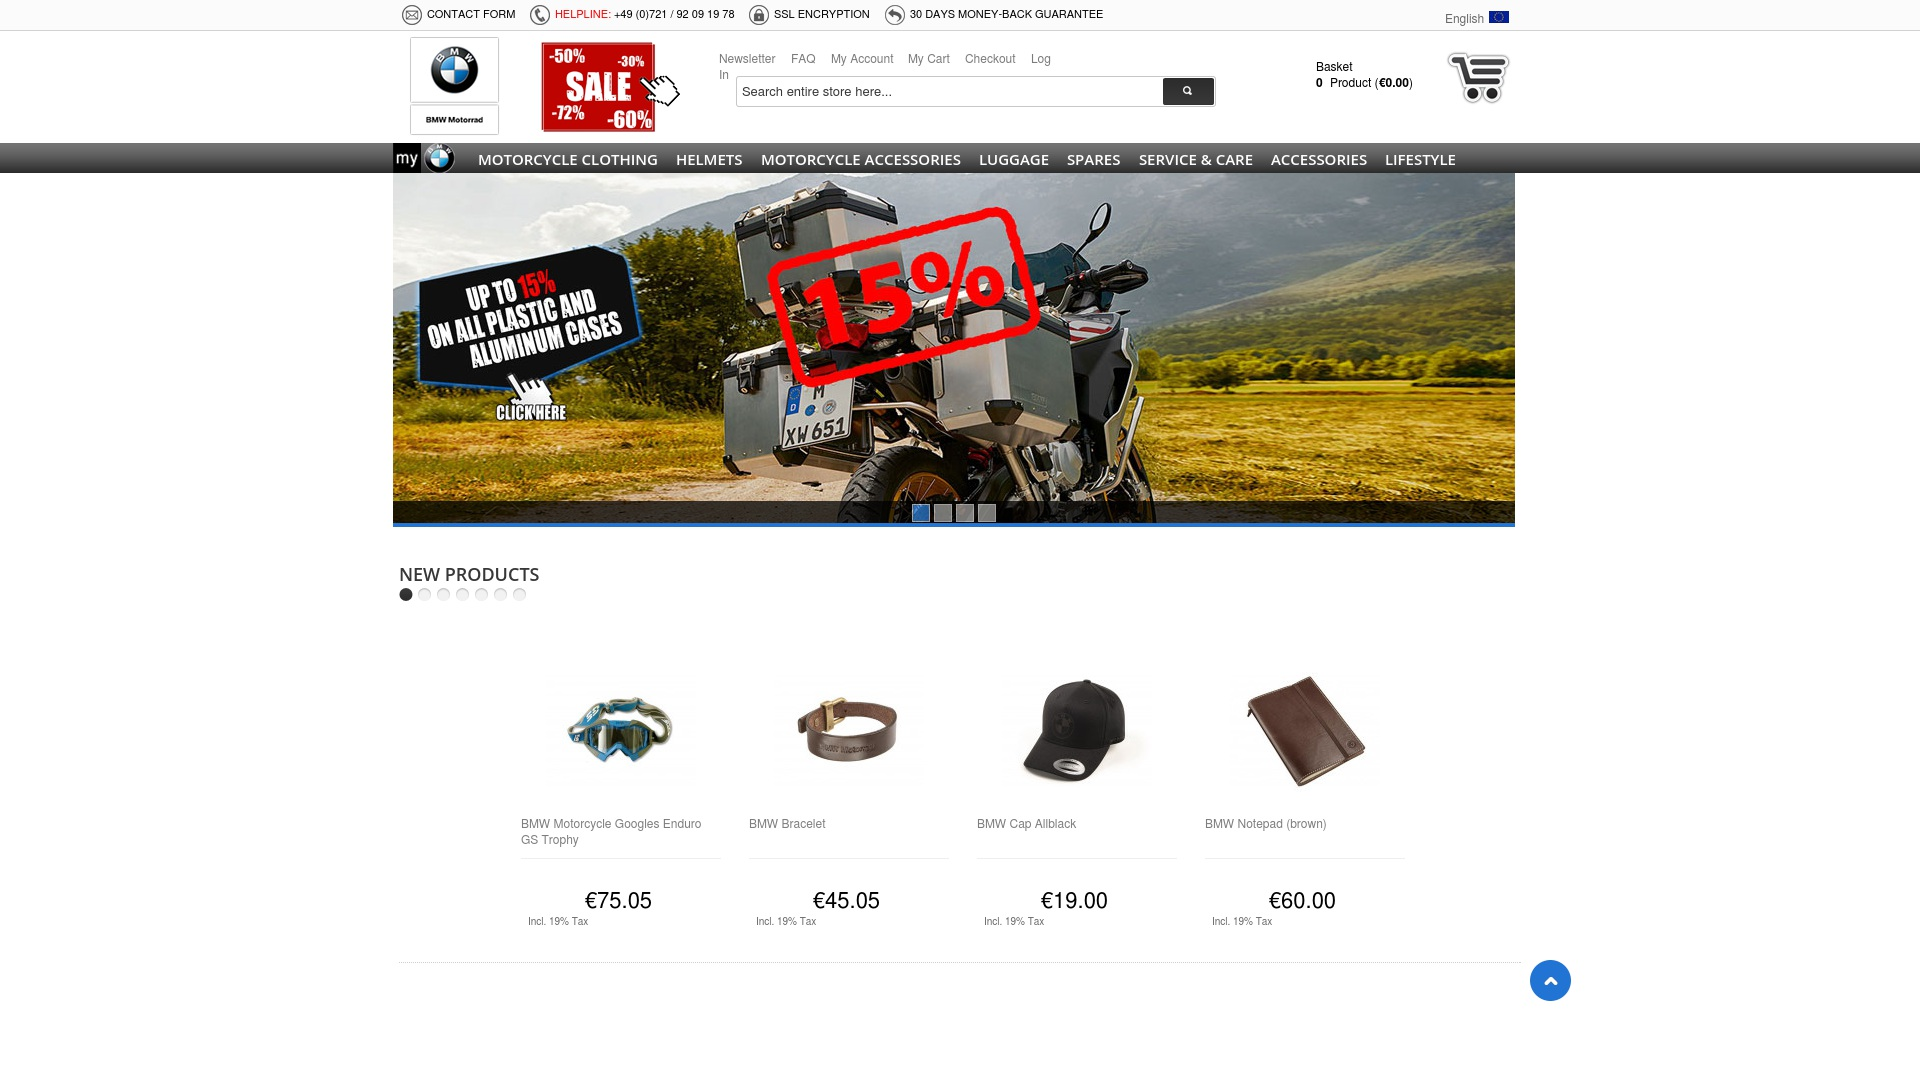 Gutschein für Bmw-motorrad-bohling: Rabatte für  Bmw-motorrad-bohling sichern